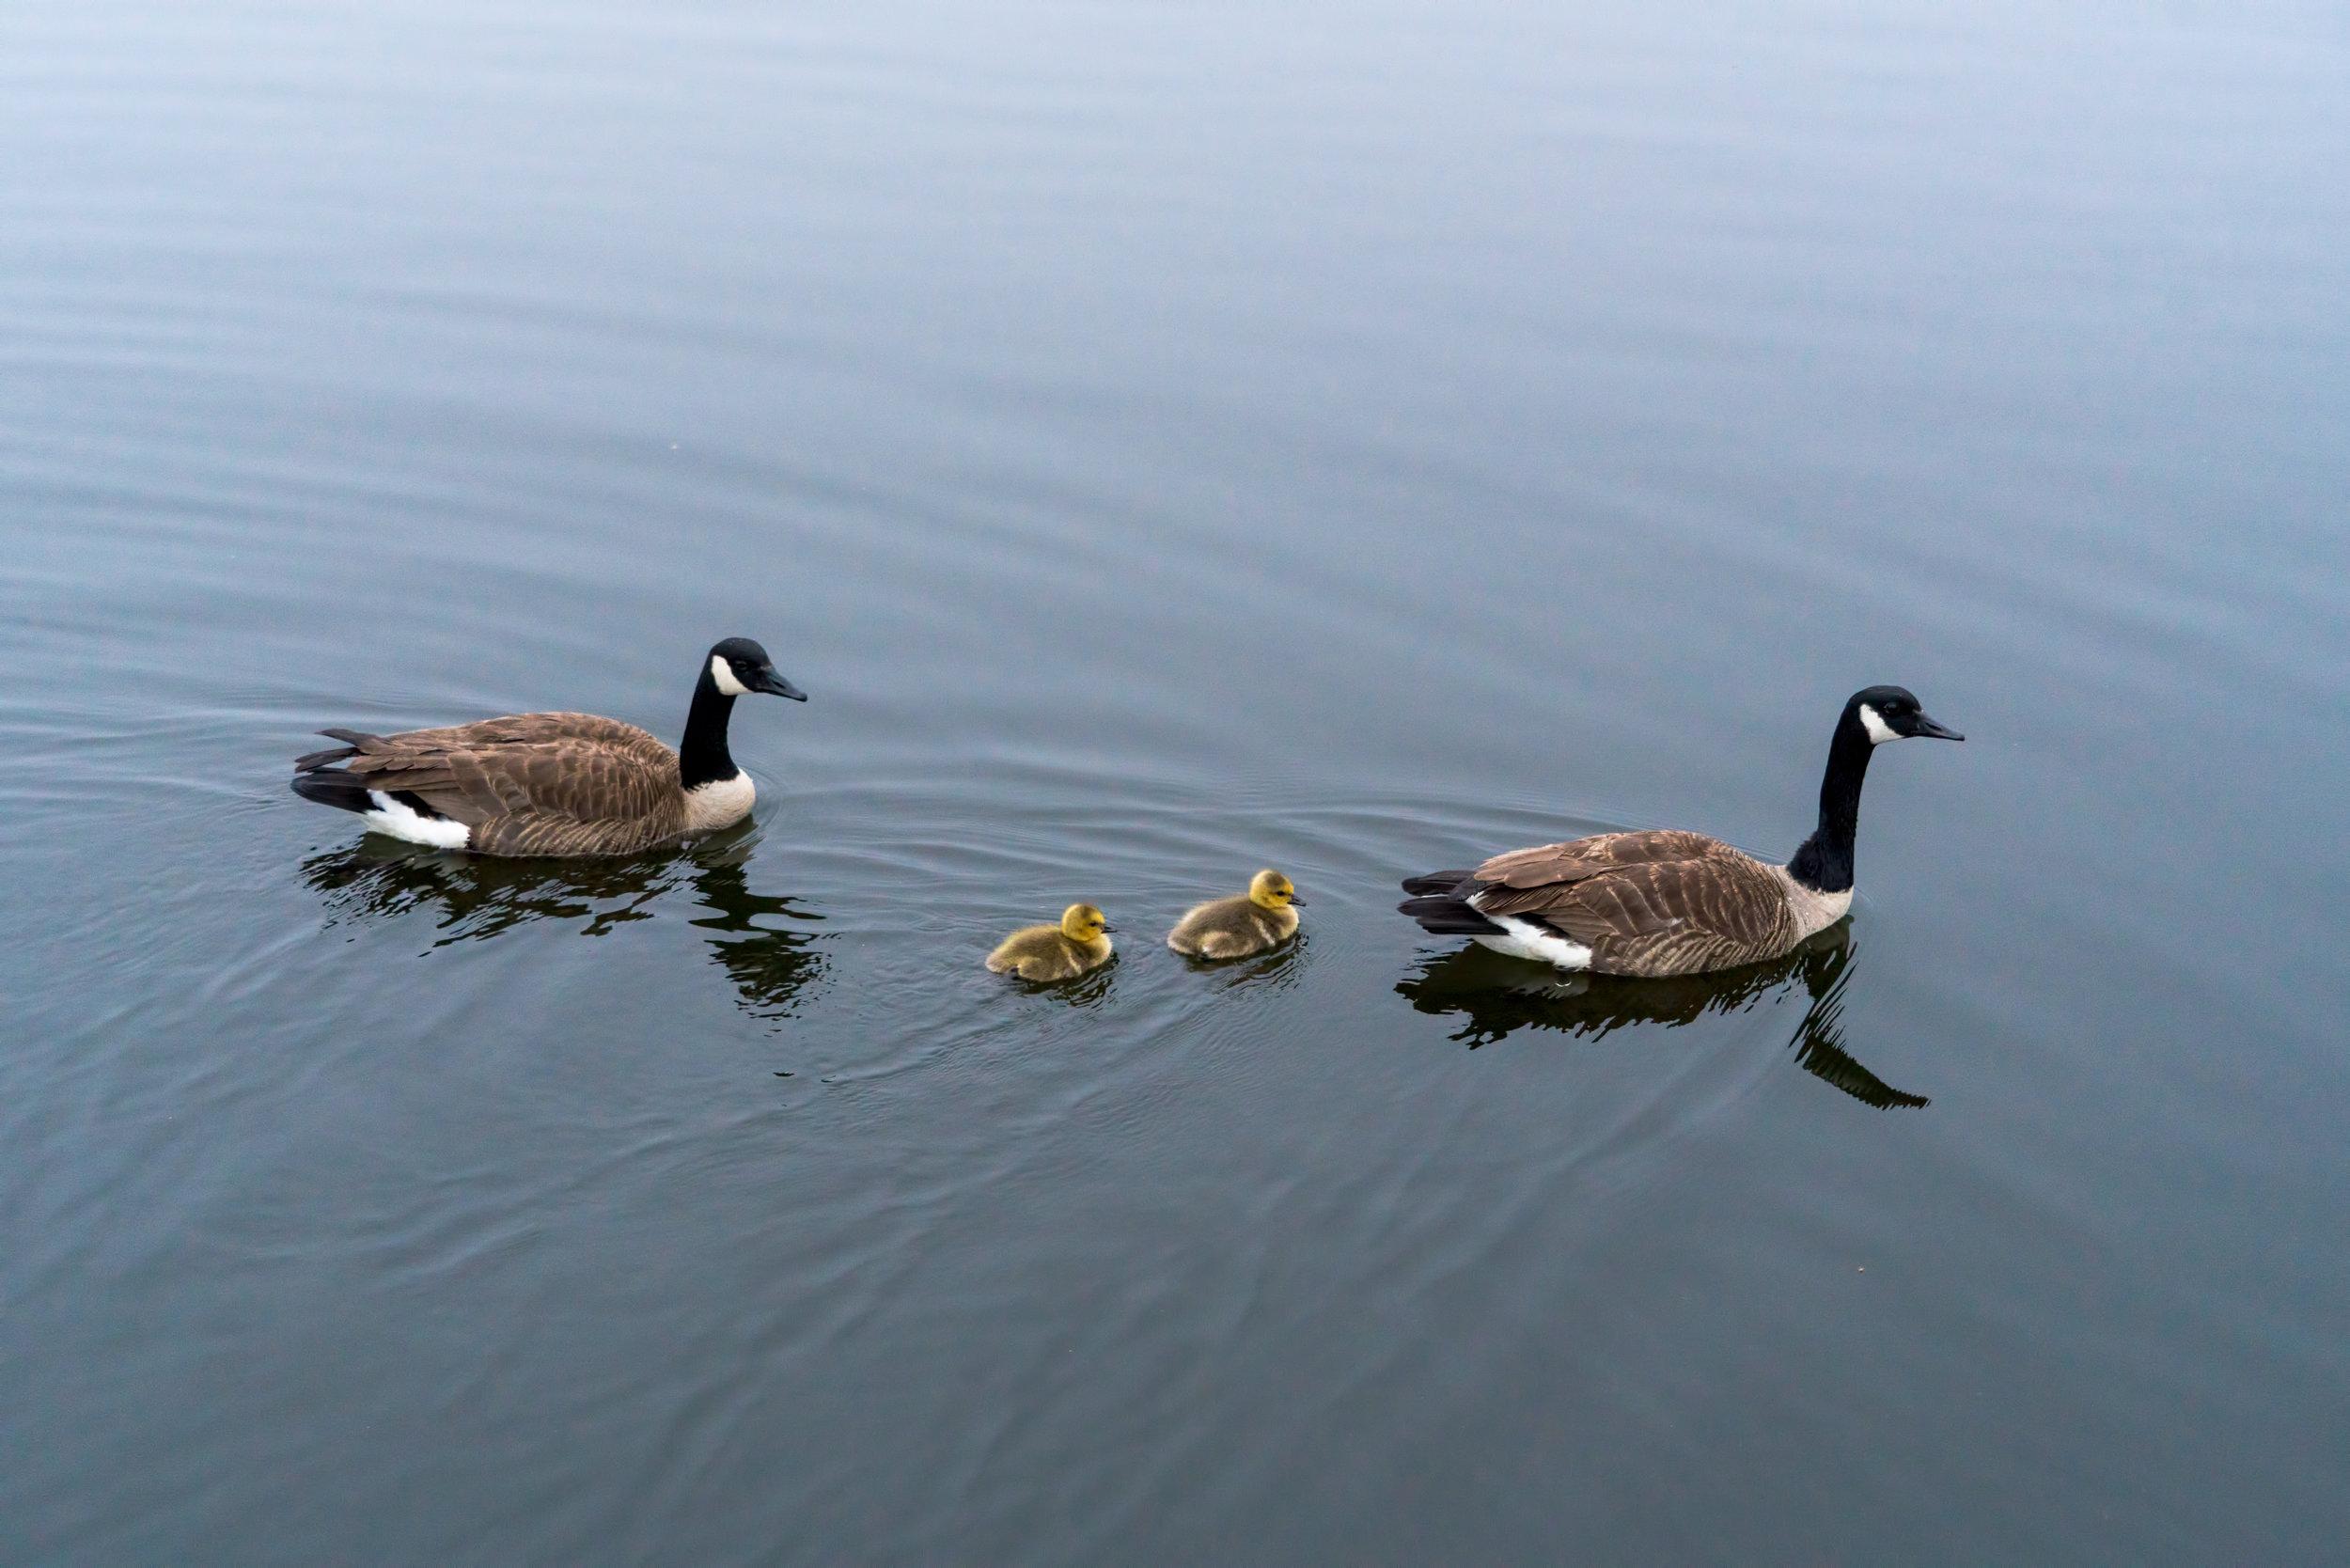 Burke Lake Park - Family day at the lake